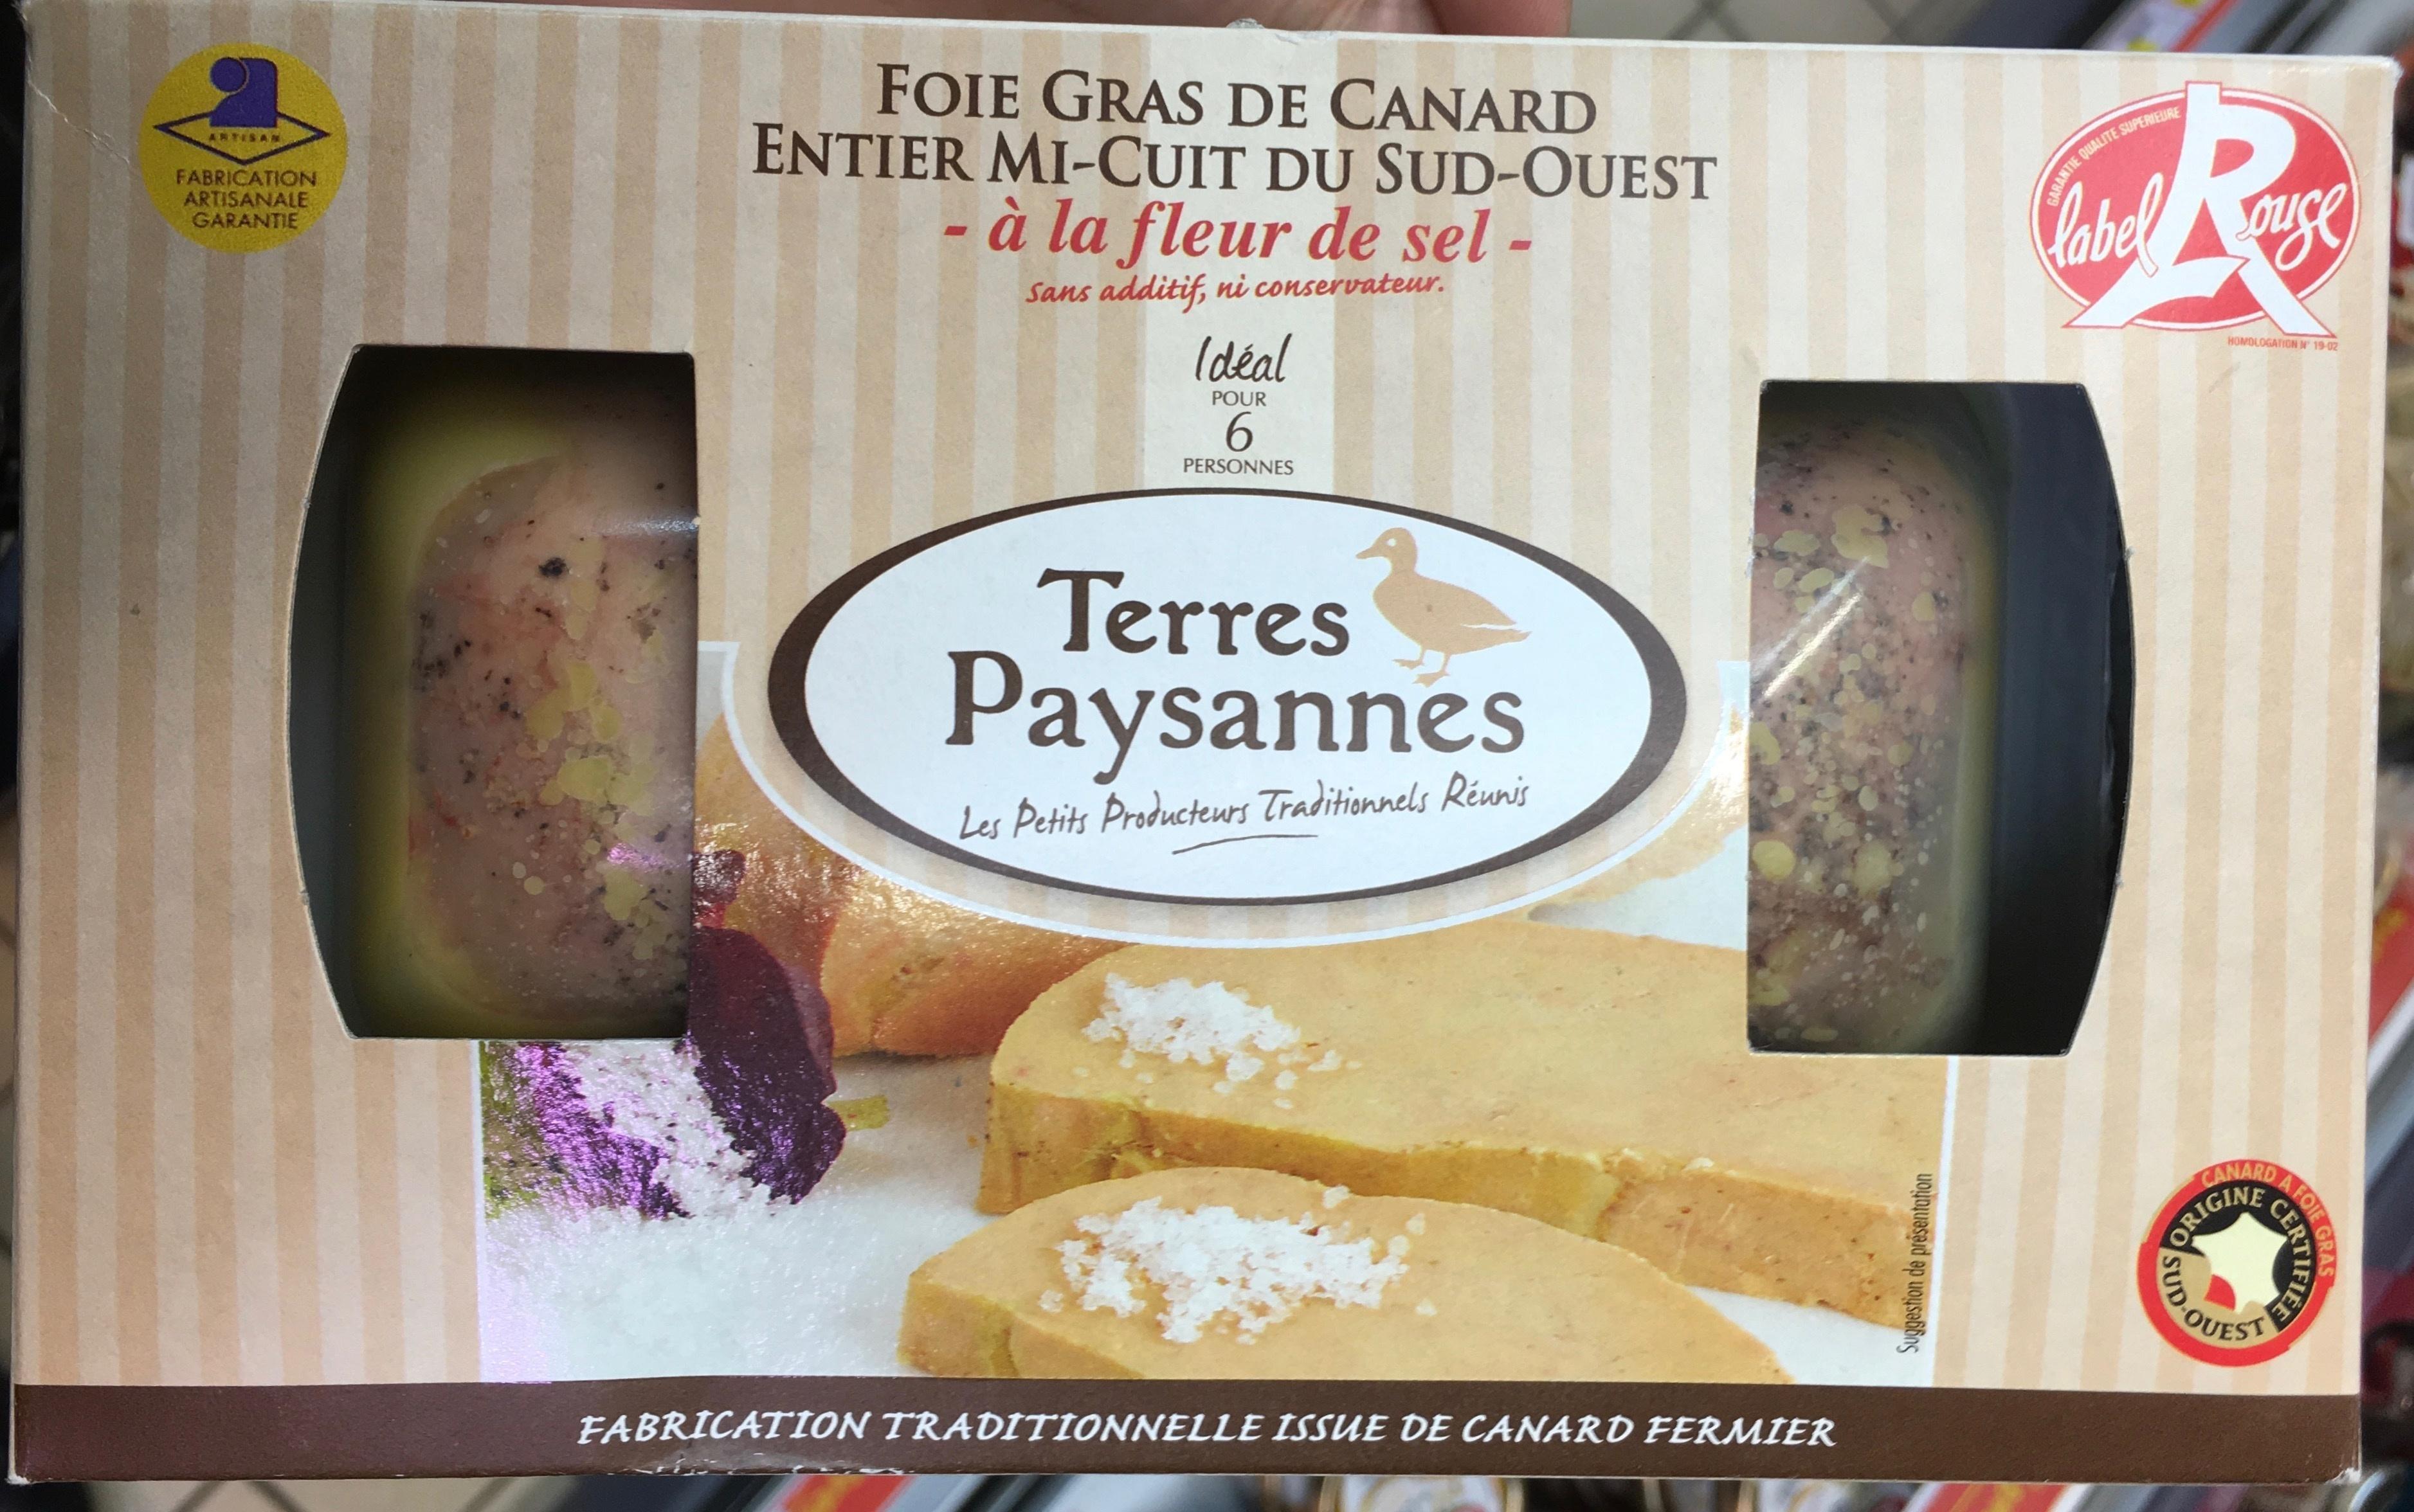 Foie Gras de Canard entier mi-cuit du Sud-Ouest à la fleur de sel - Product